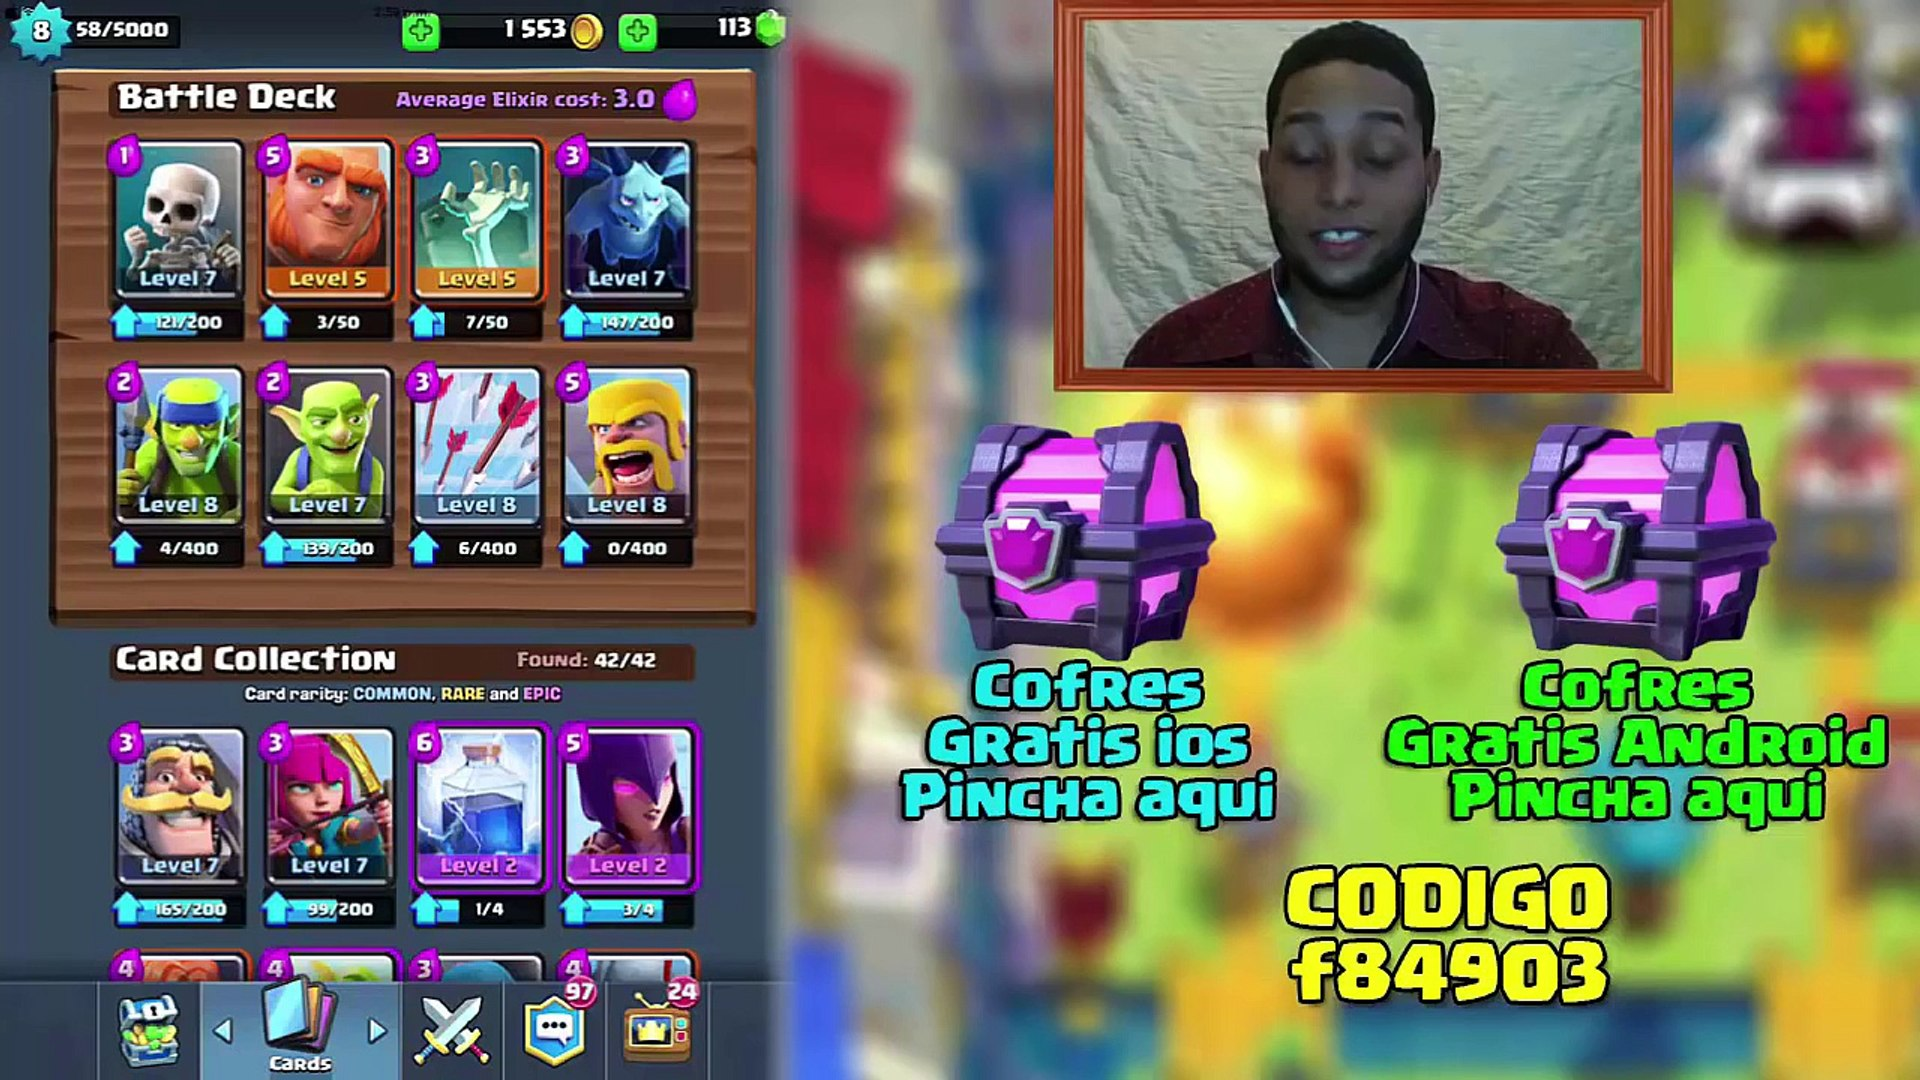 Mazo/Deck para Arena 3 Super Economico Clash Royale Para novatos Ios y Android #94